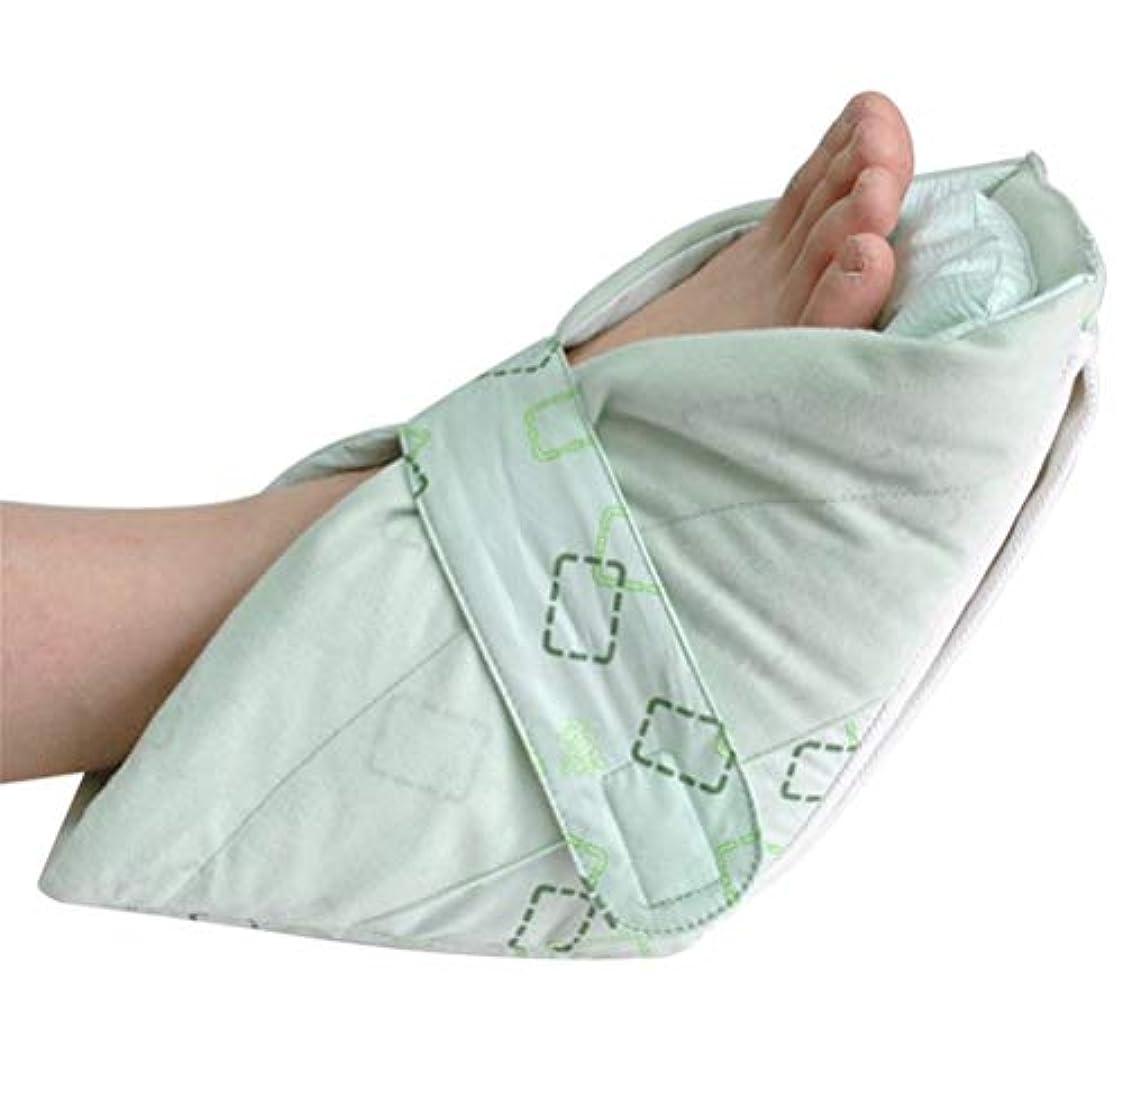 質素なマルコポーロプロフェッショナルヒールプロテクター枕、プレミアム圧力軽減フット補正カバー、極細コットン生地、インナークッションは分離可能、グリーン、1ペア